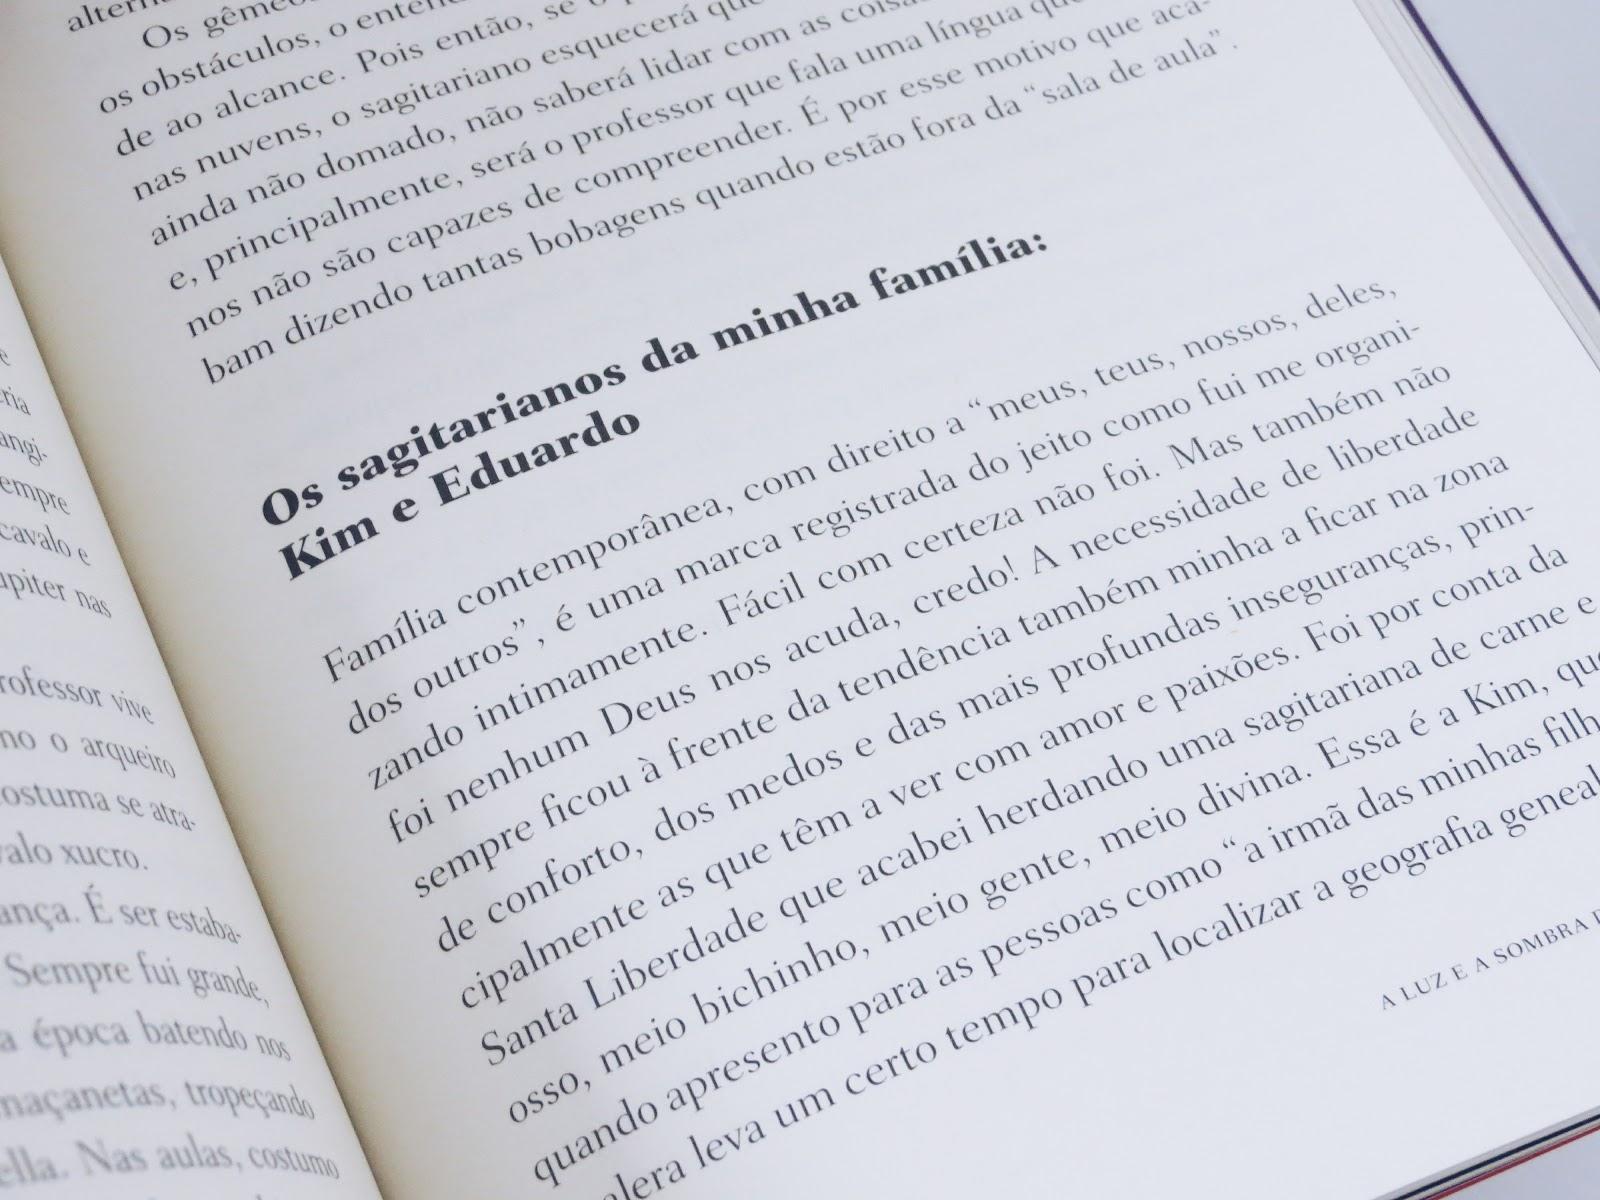 texto de livro